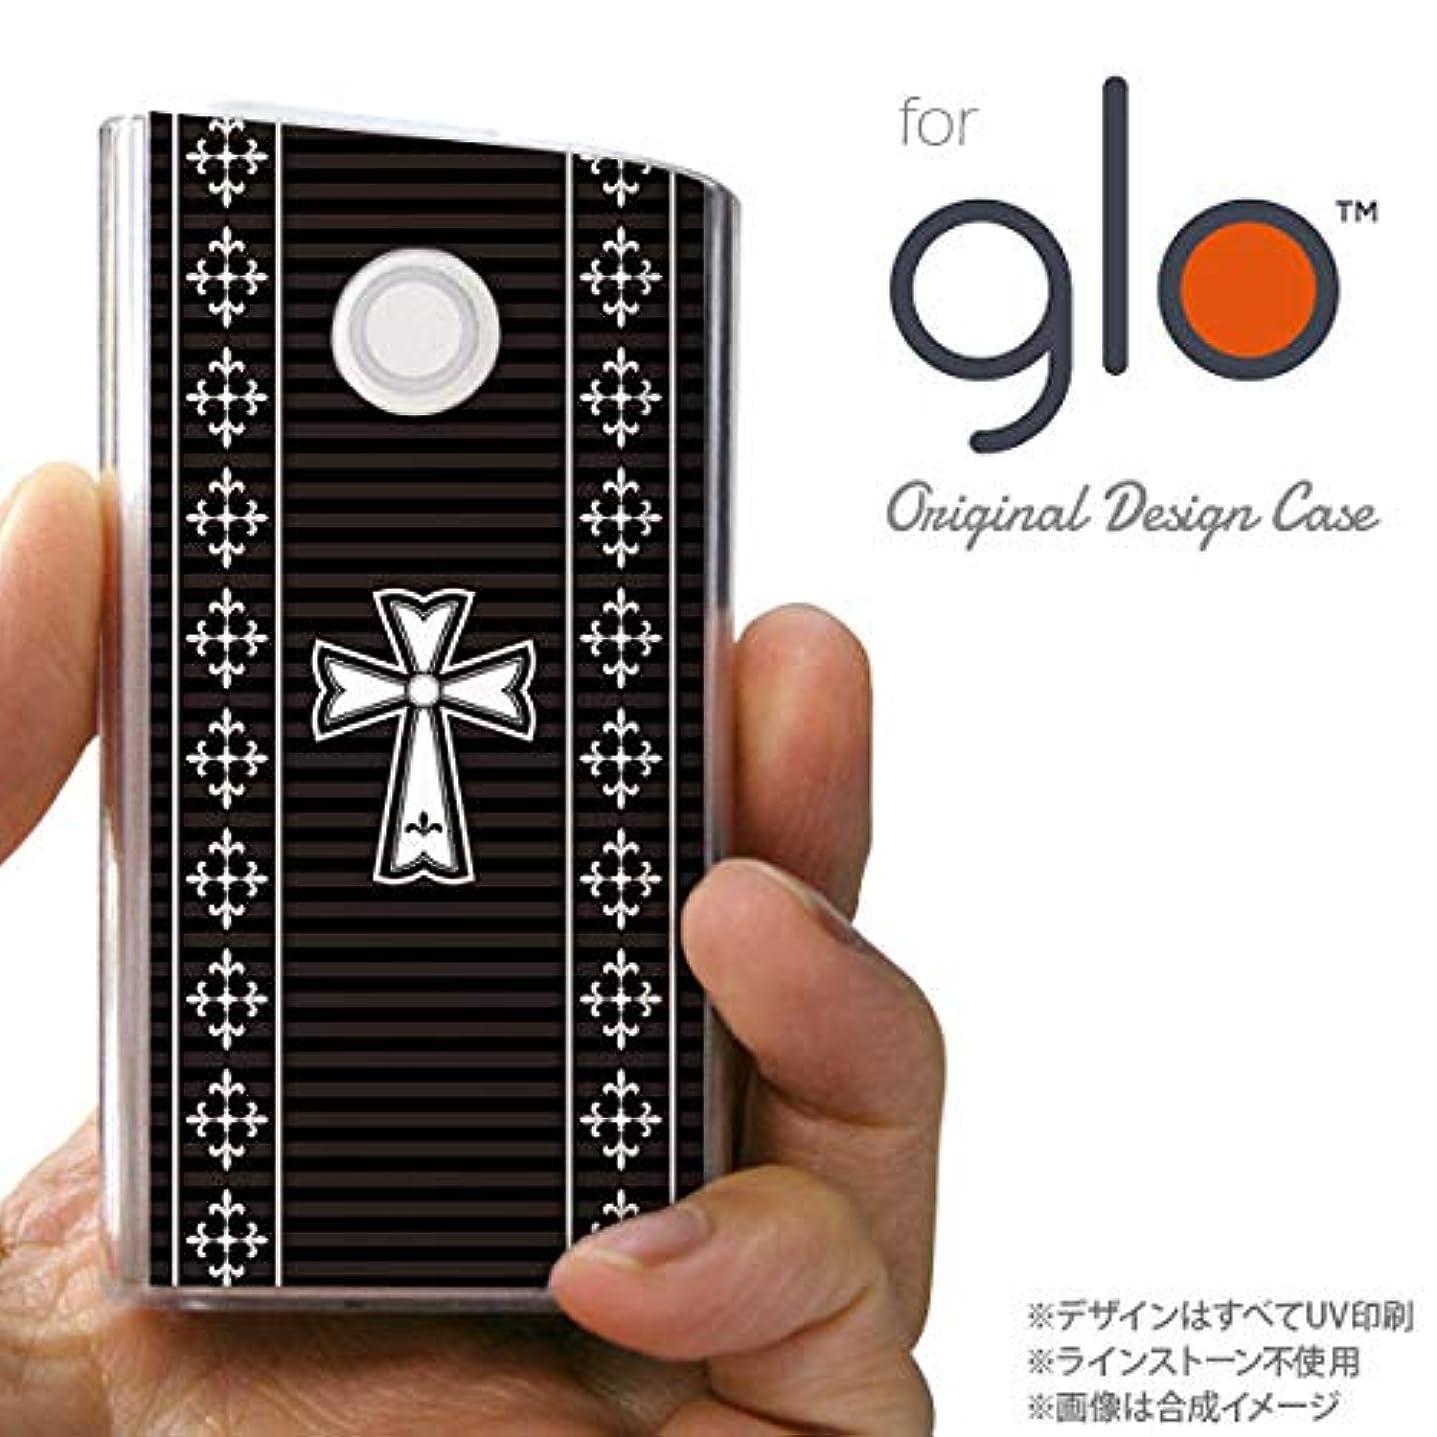 汚れたカップルハンマーglo グローケース カバー グロー ゴシック 黒×白 nk-glo-1011